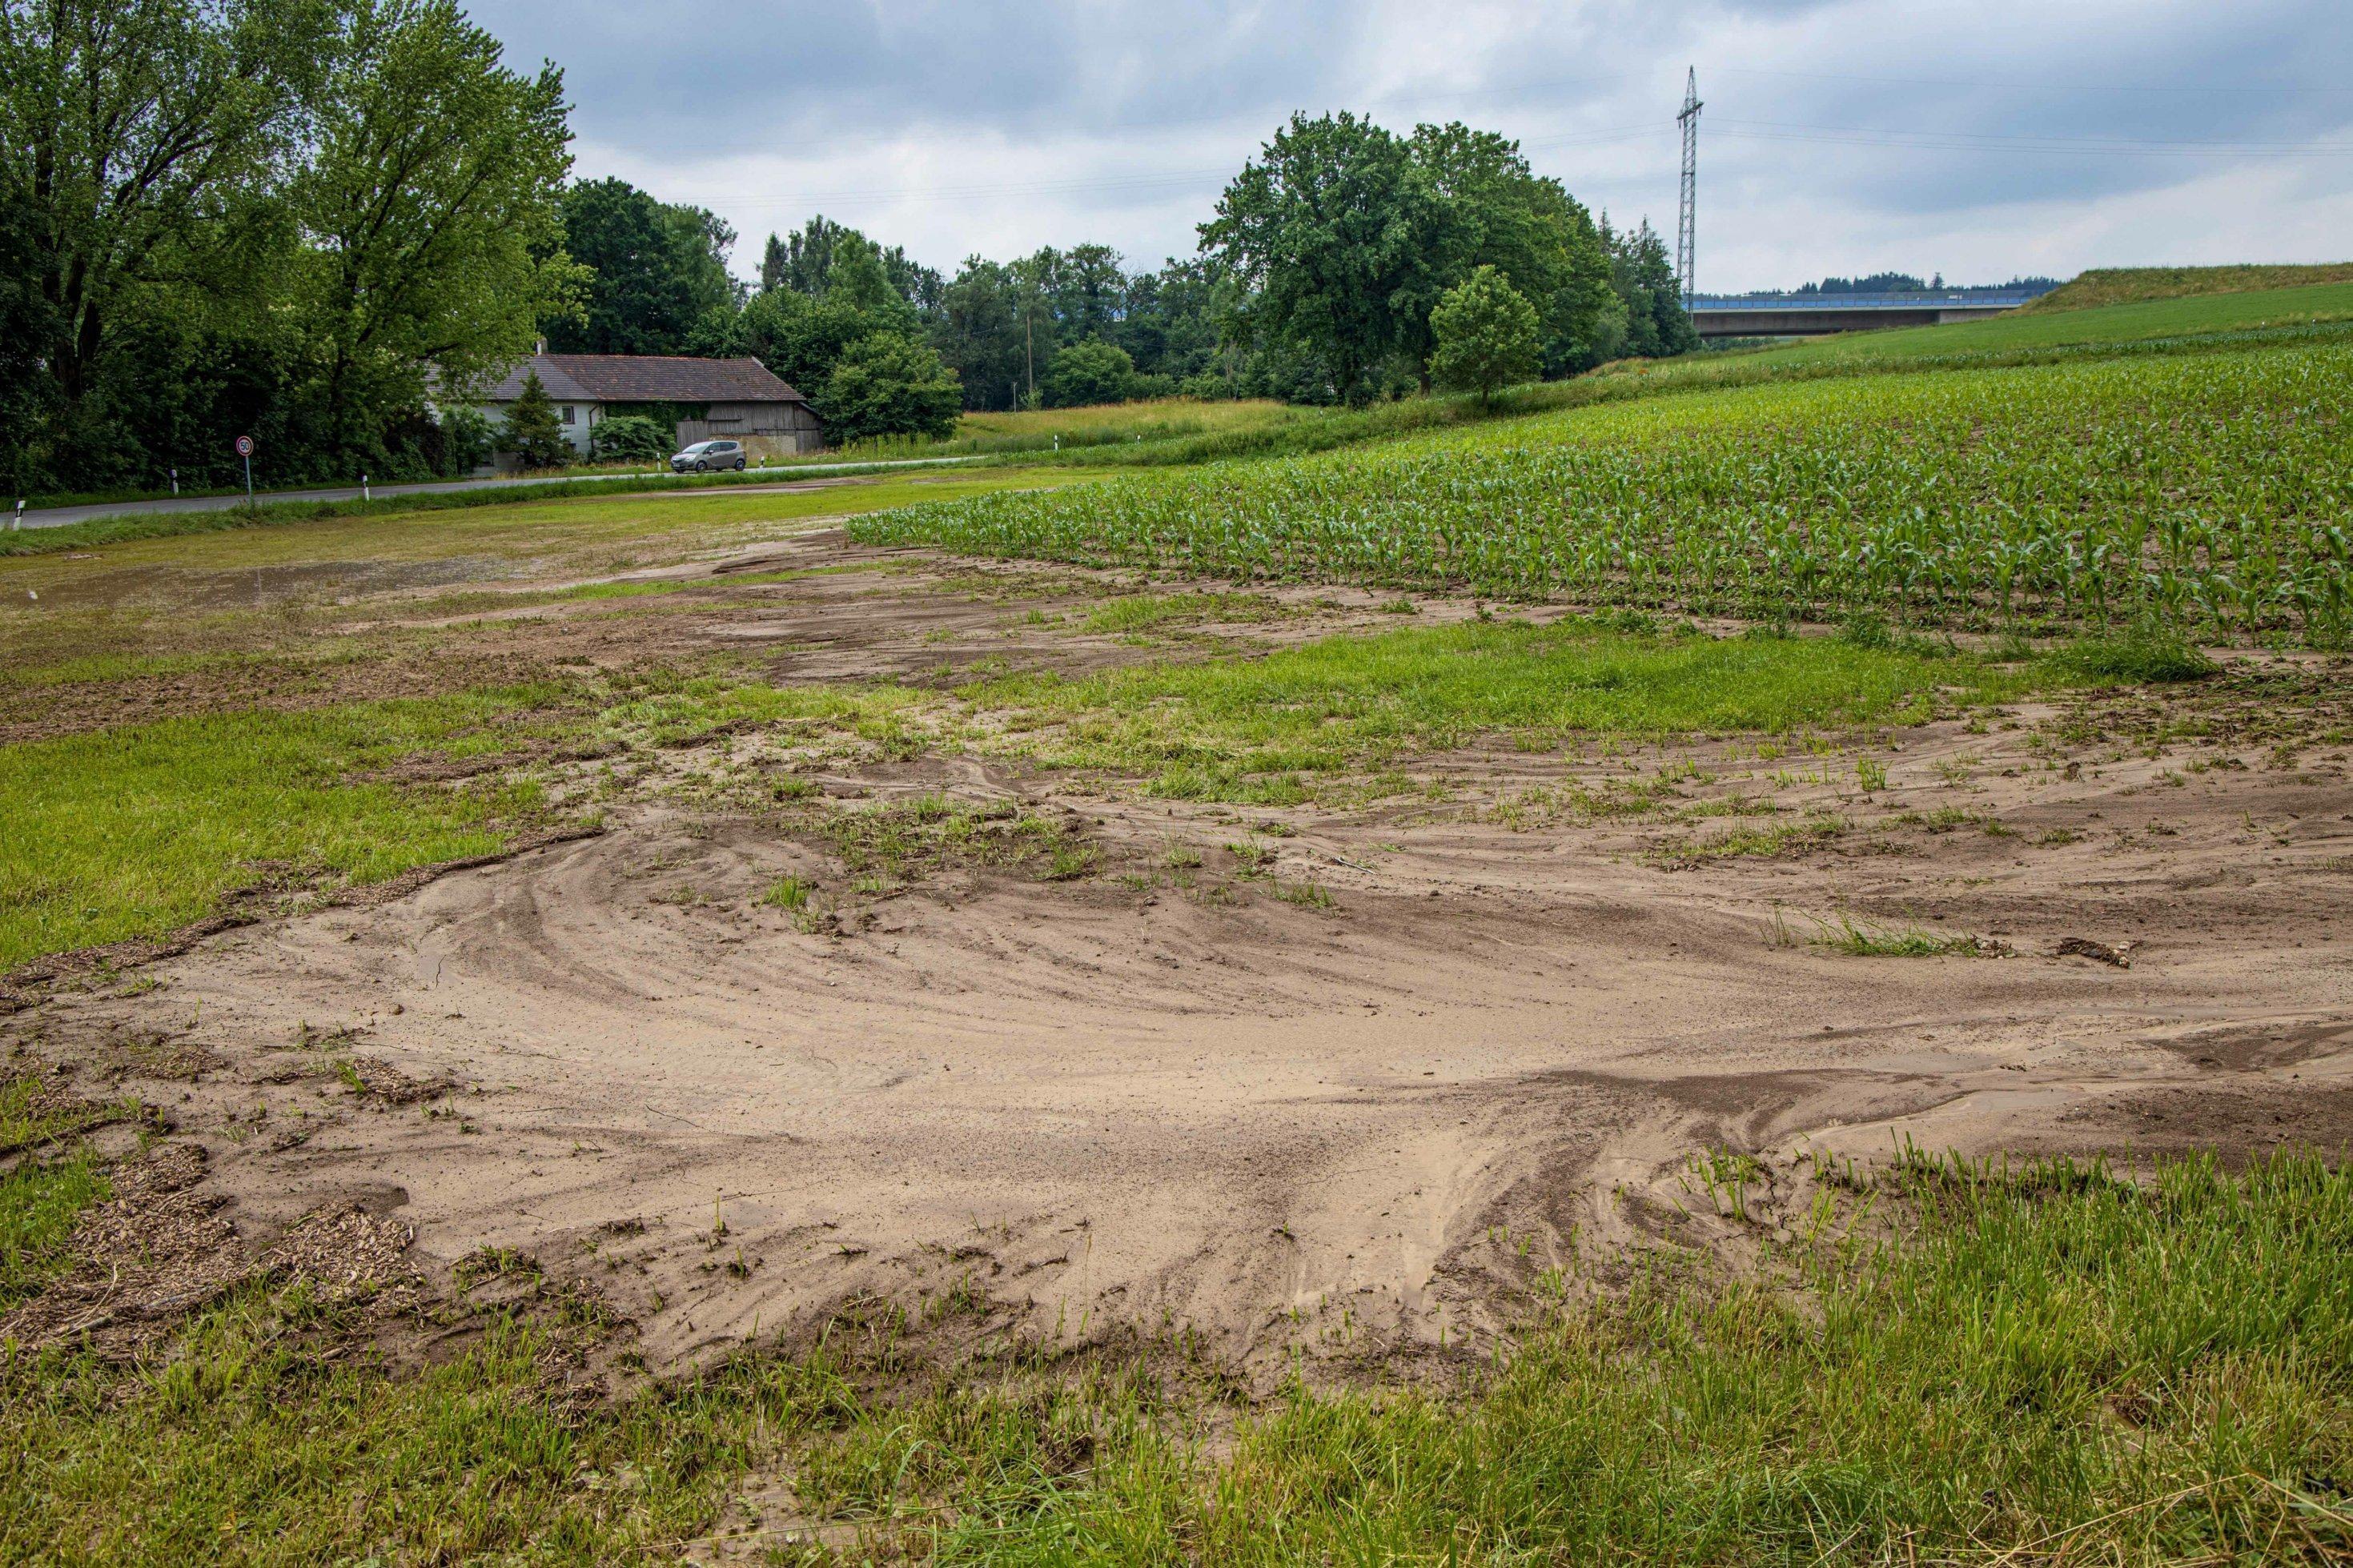 abgeschwemmter Boden vor einem Hang mit Maisfeld